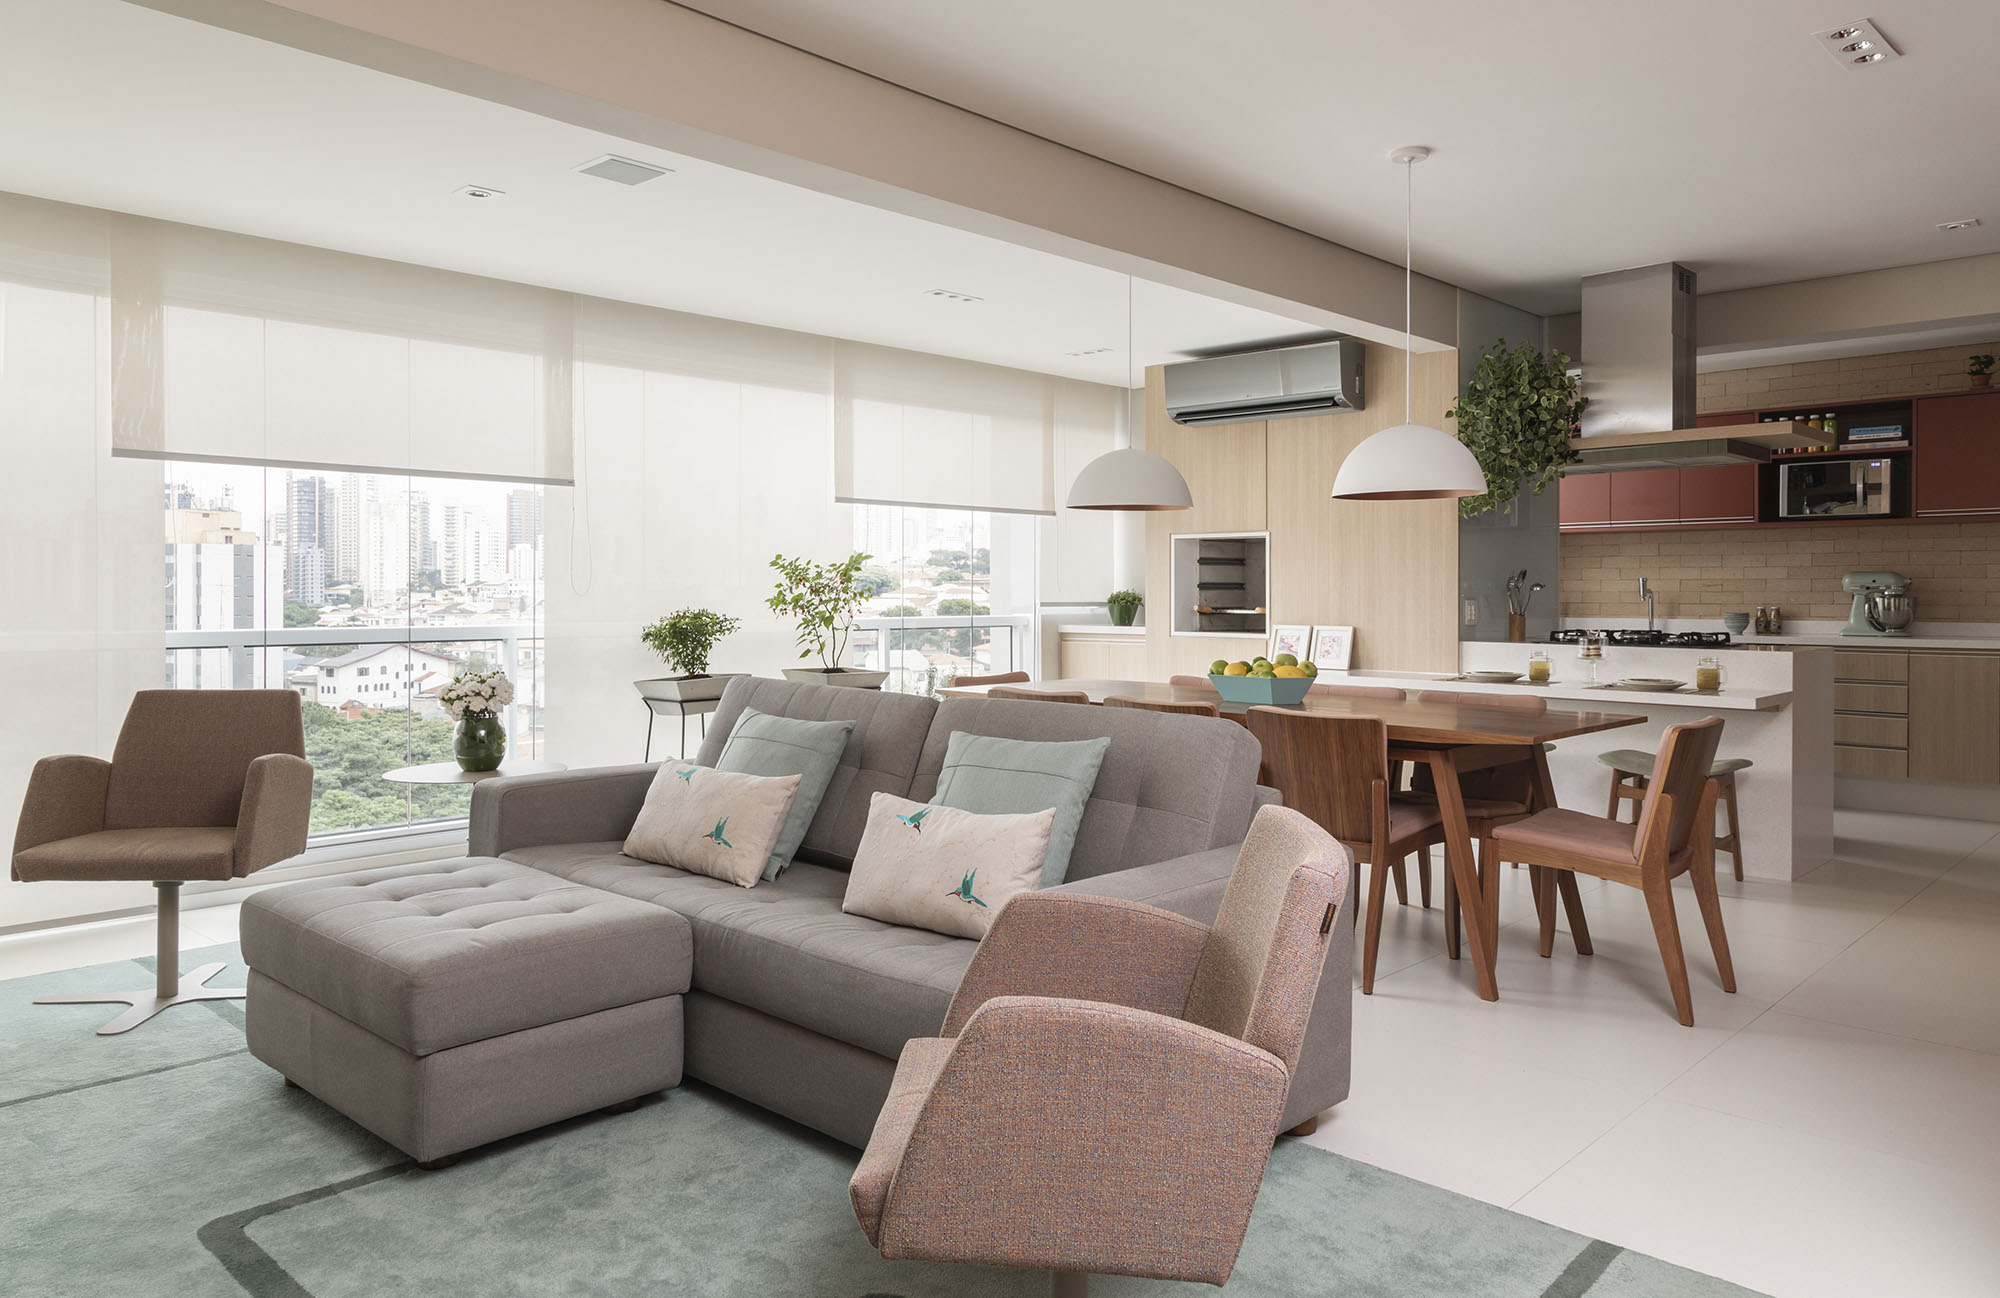 Paleta de tons suaves compõe a decoração da sala de estar.